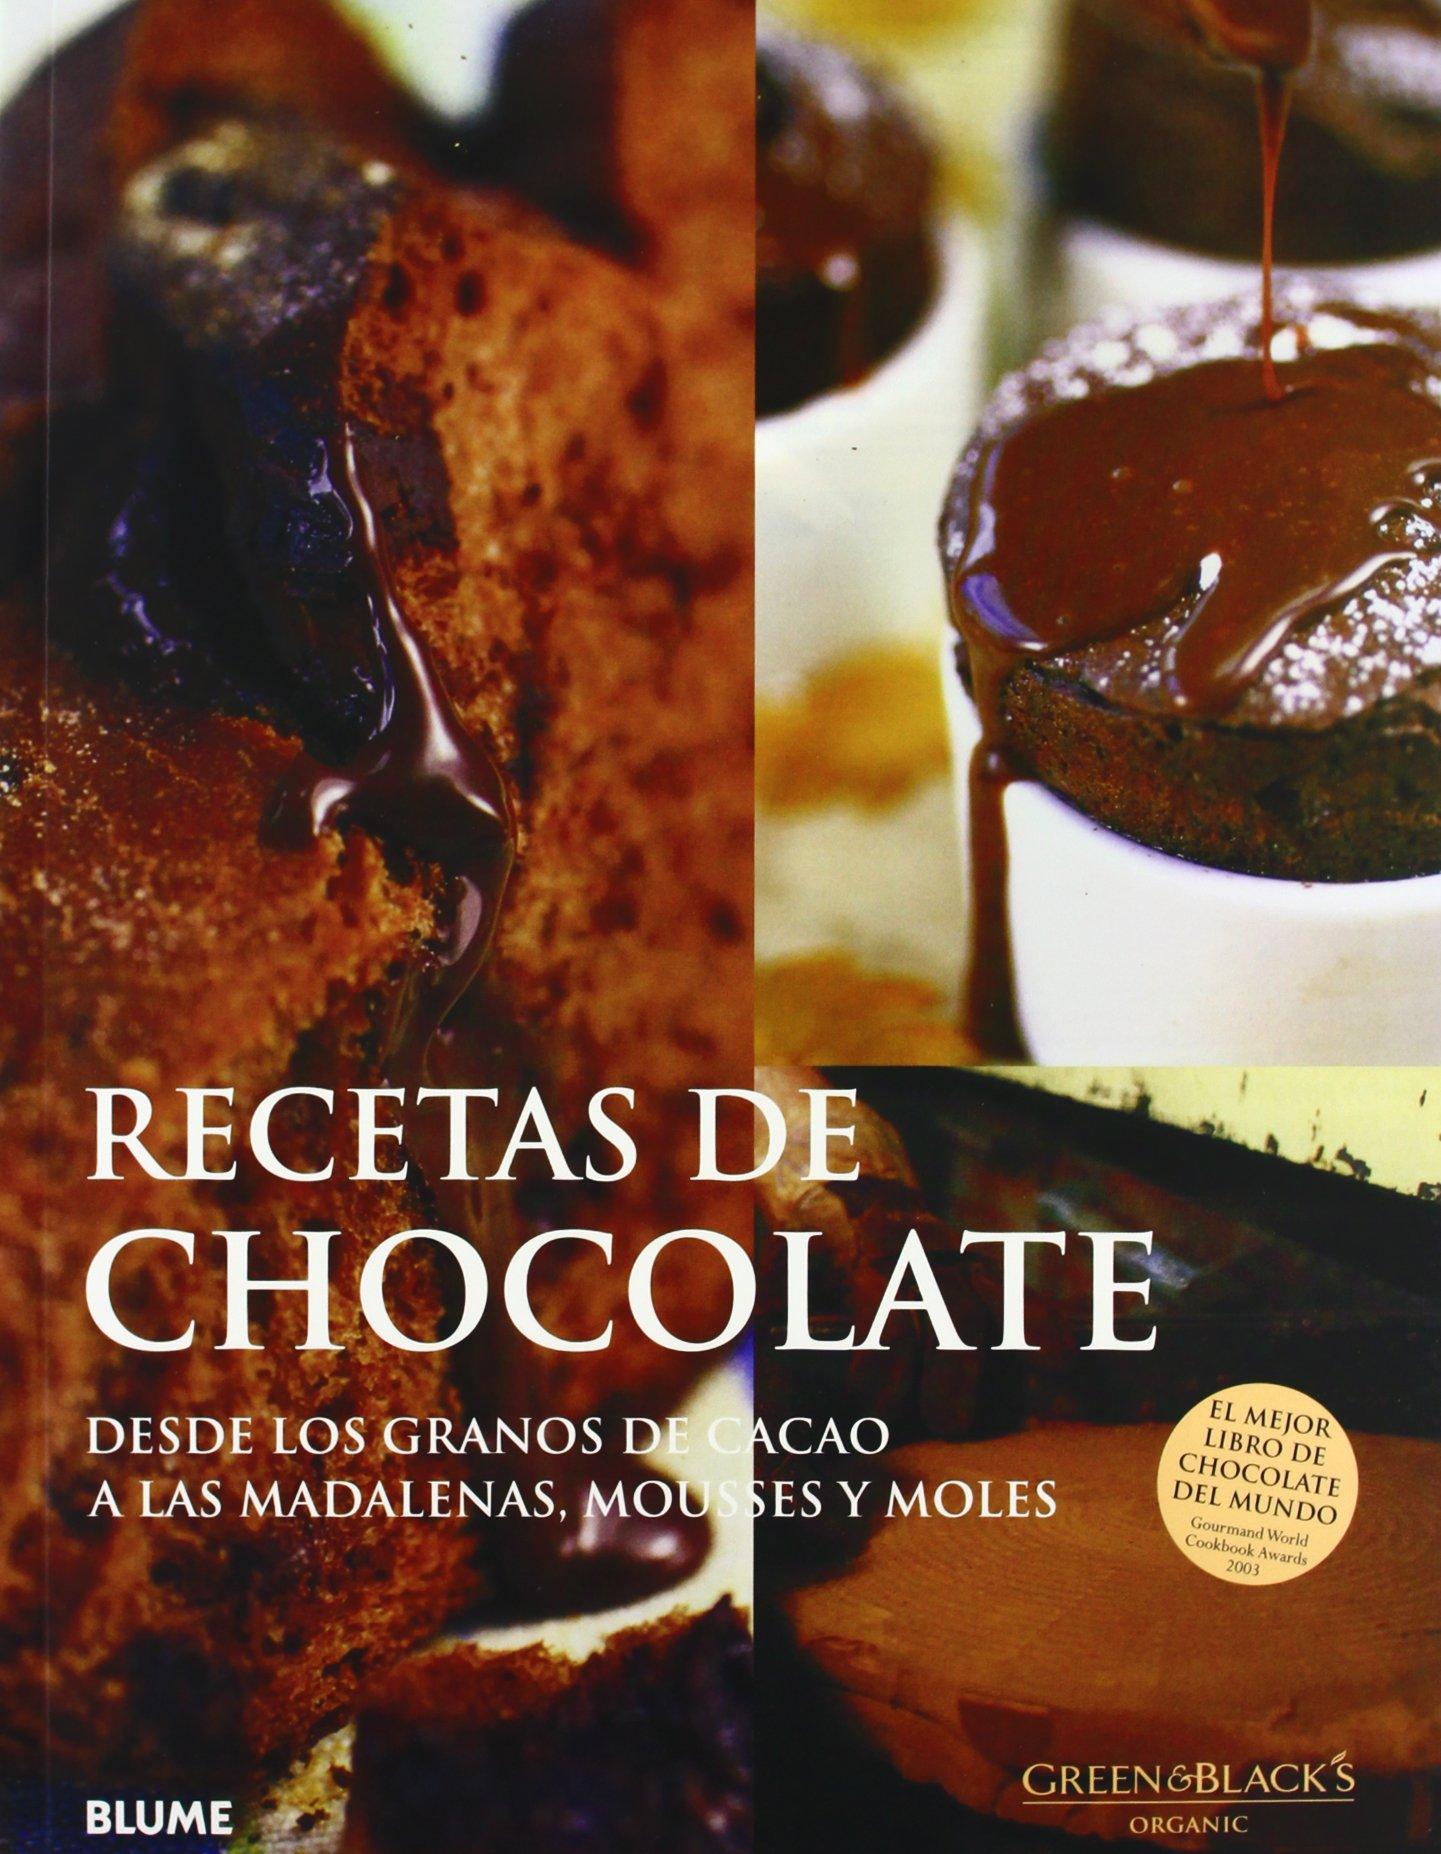 Recetas de chocolate: Desde los granos de cacao a las madalenas, mousses y moles (Spanish Edition) (Spanish) Paperback – April 1, 2008